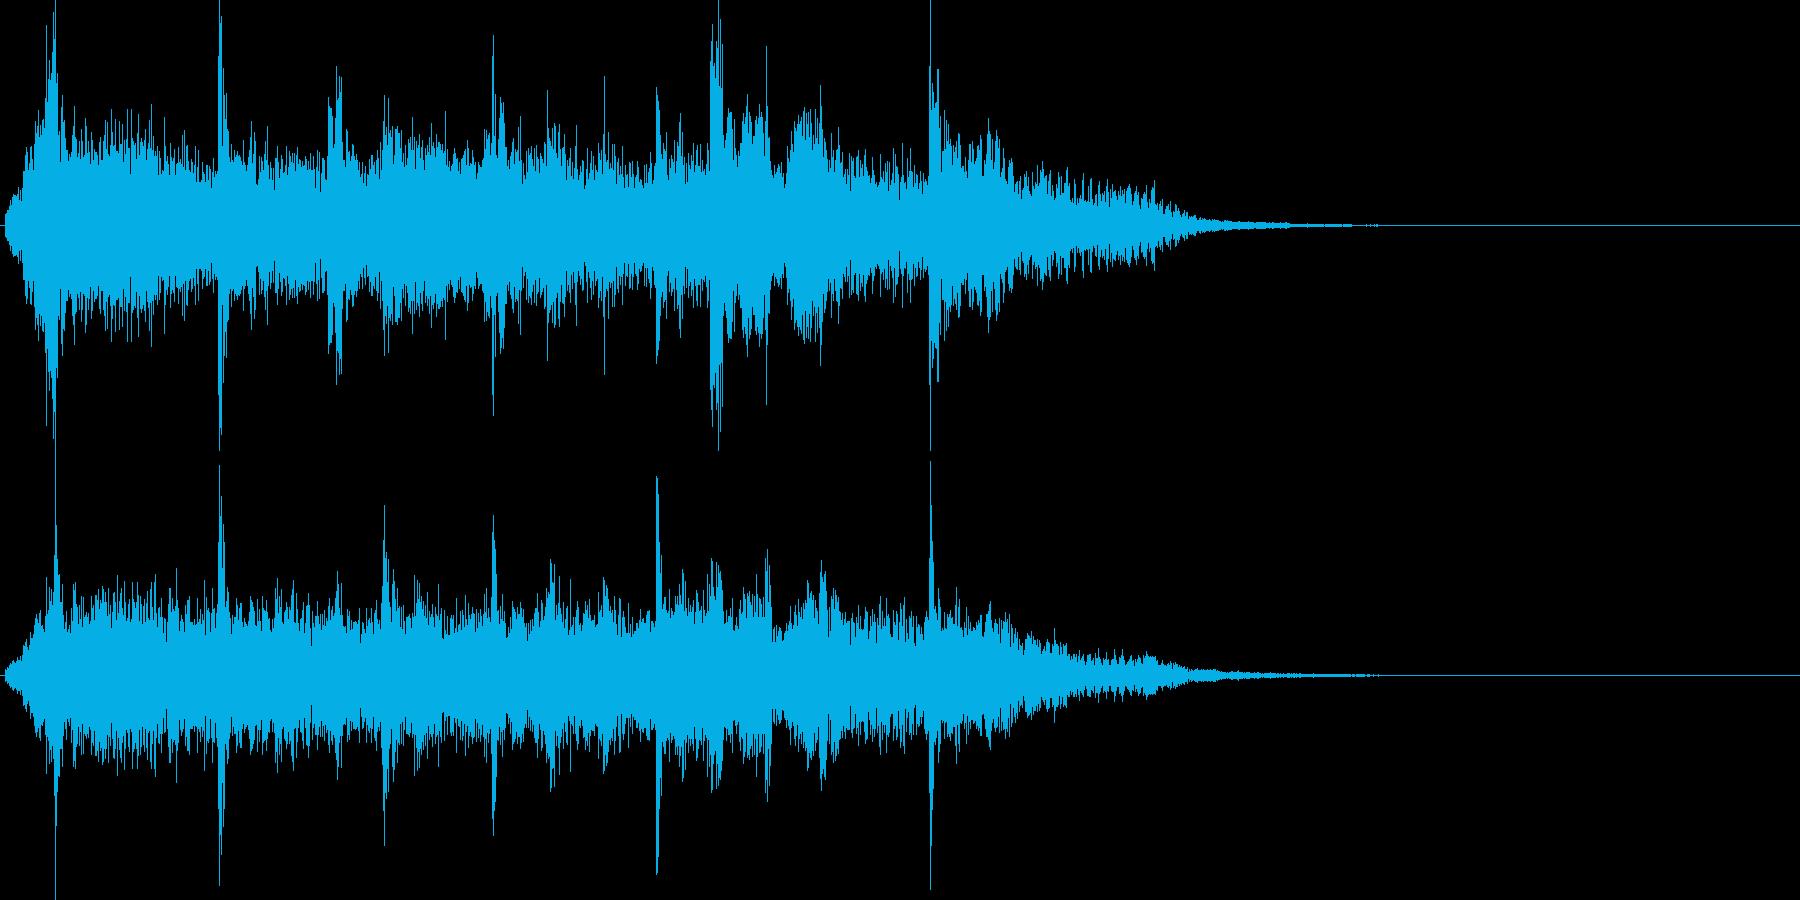 SFなどの場面転換のBGMの再生済みの波形